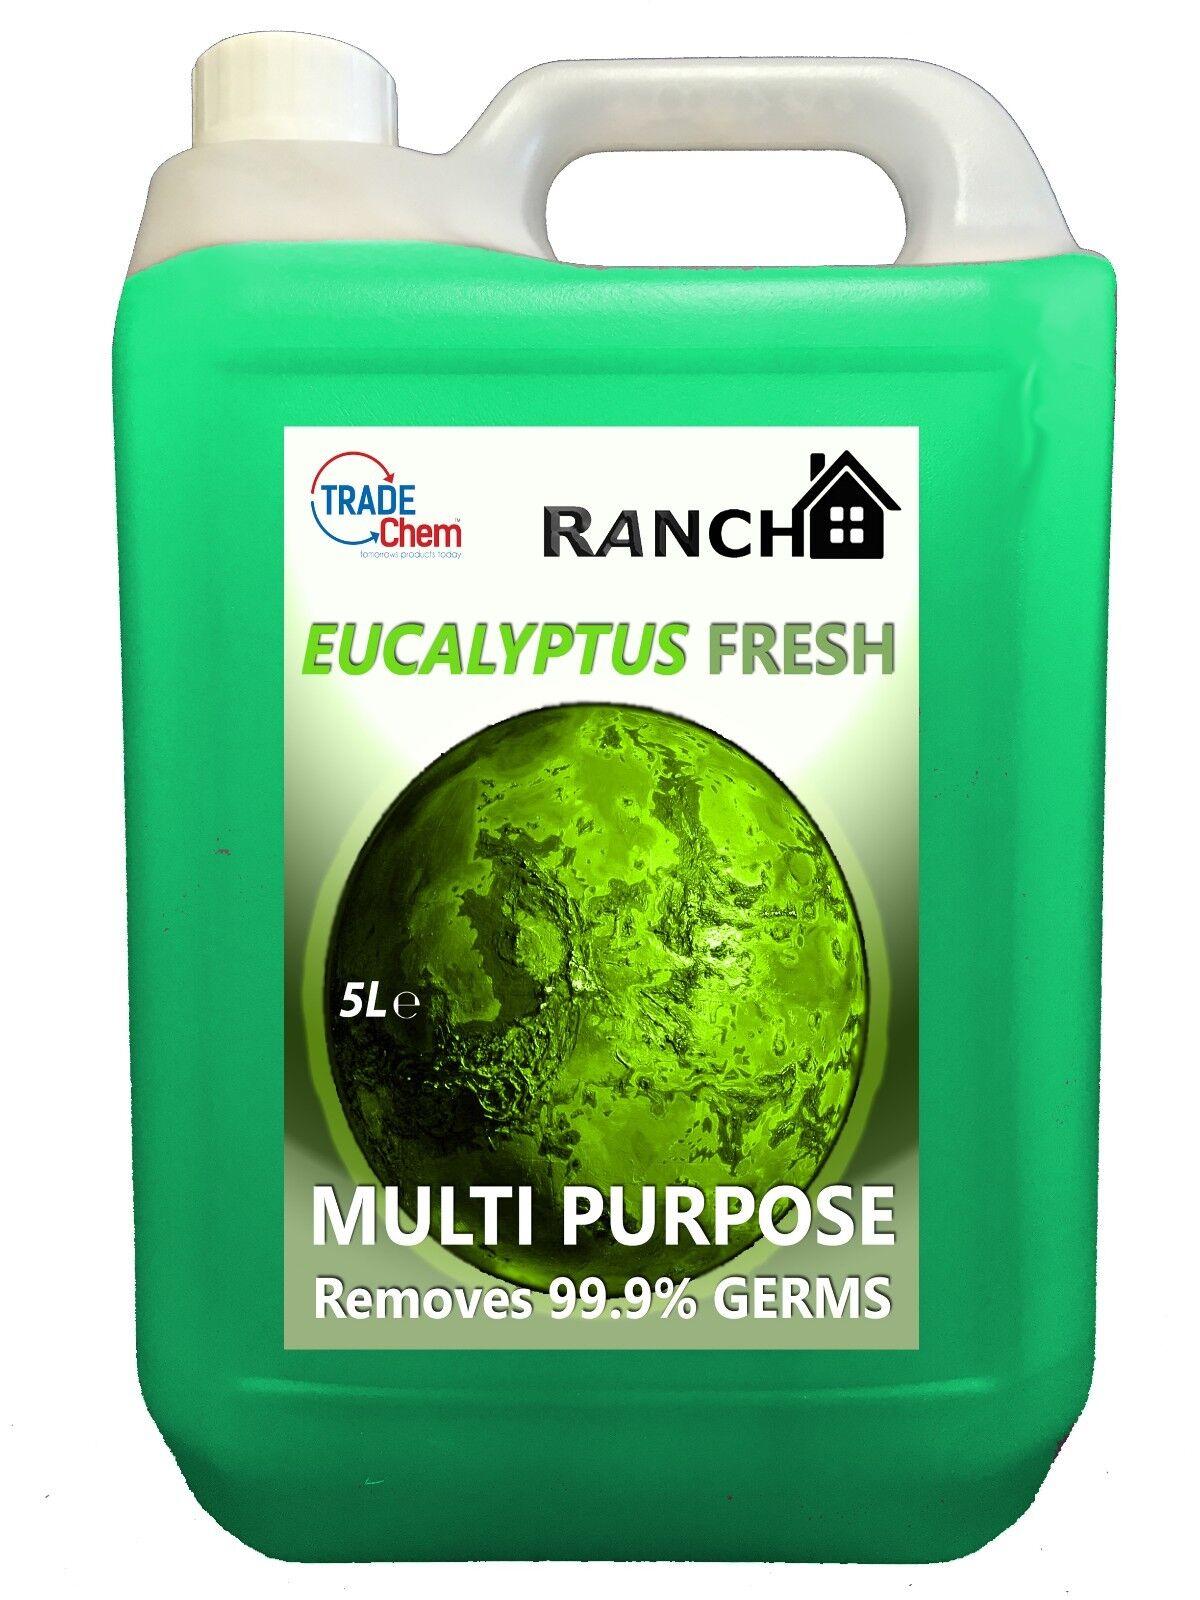 Eucalipto Eucalipto Eucalipto fresco multi propósito limpiador 5L-elimina 99.99% bacterias-Cocina acf3f1